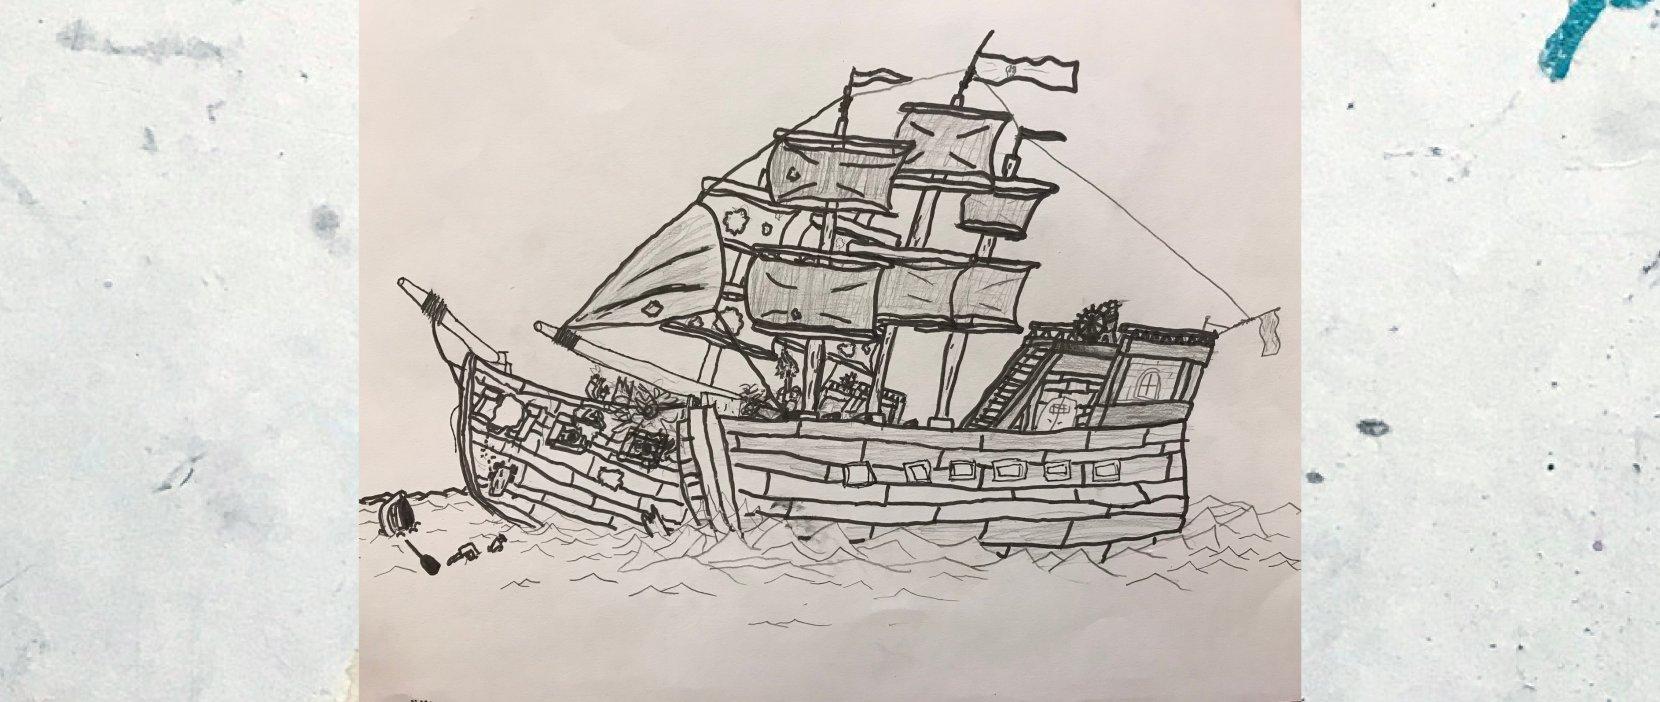 tegning af sørøverskib